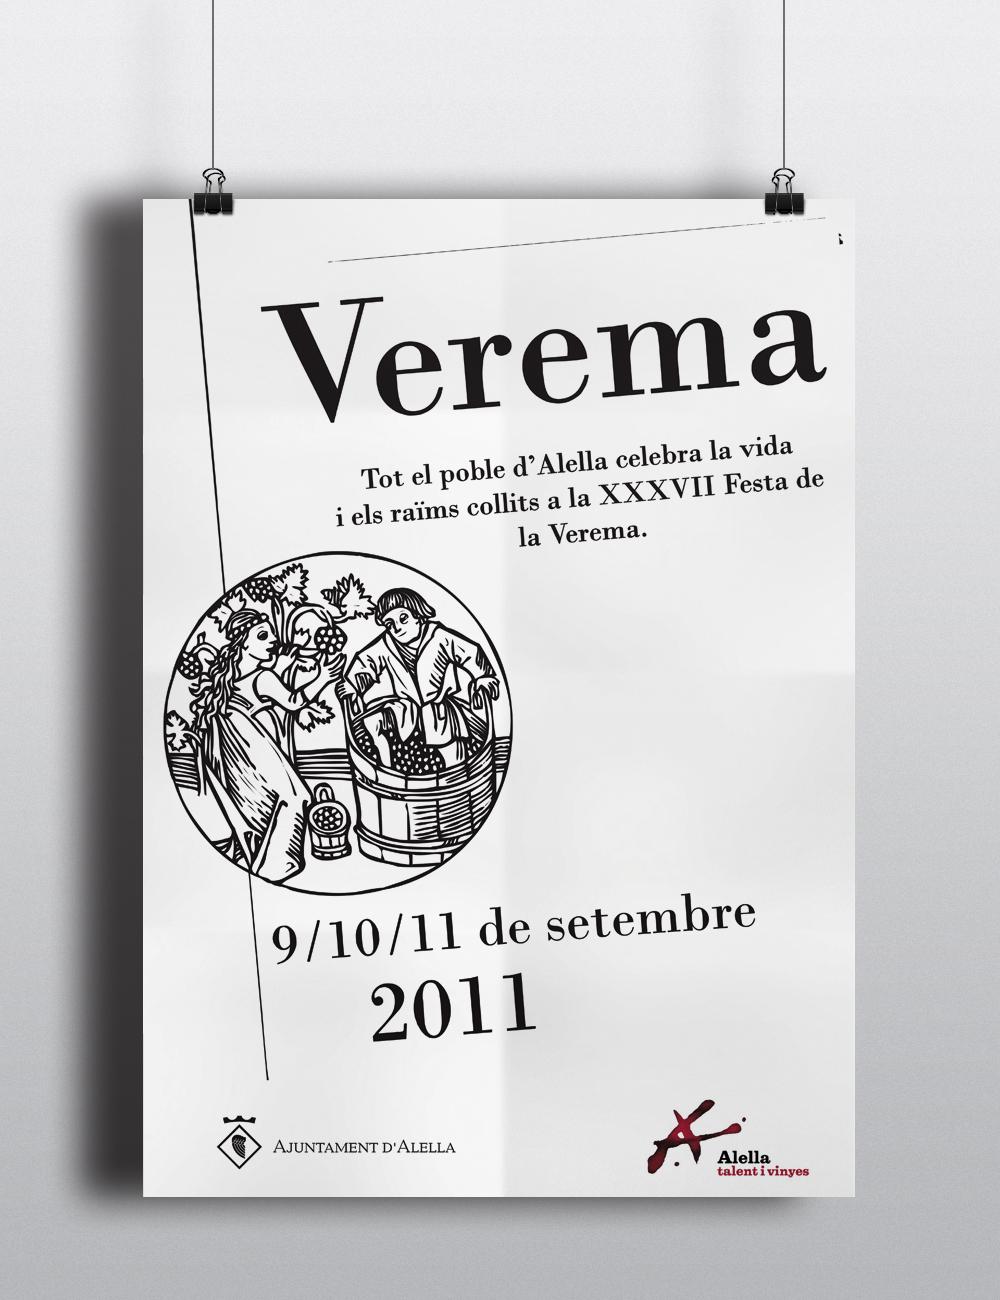 Verema 2011